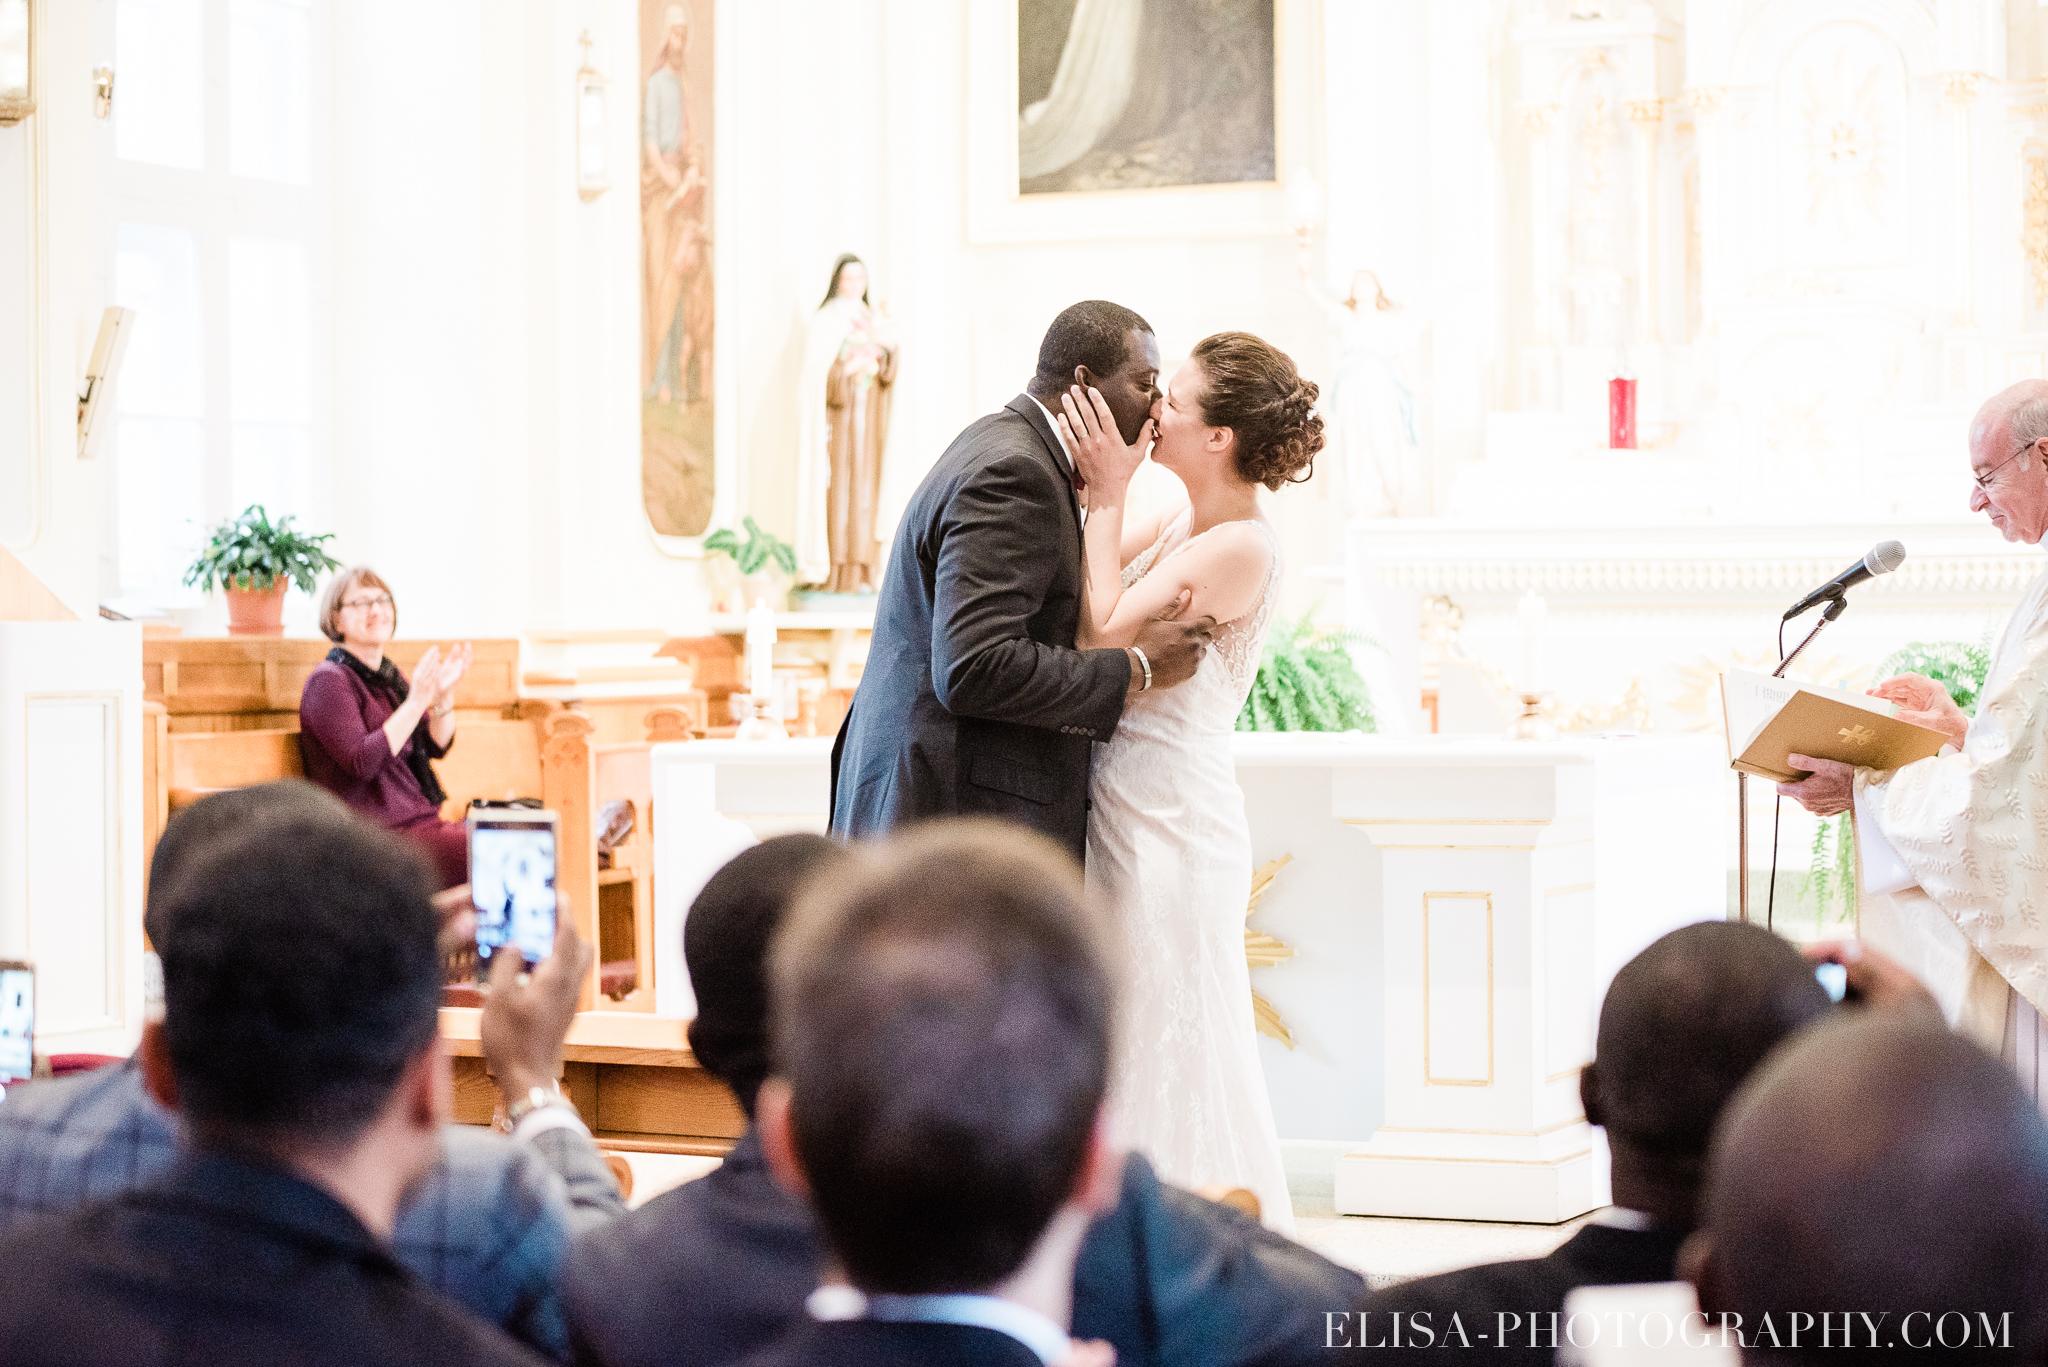 photo mariage ville quebec automne ceremonie eglise de cap rouge 7602 - Mariage au Golf de Cap-Rouge, ville de Québec: Stéphanie & William